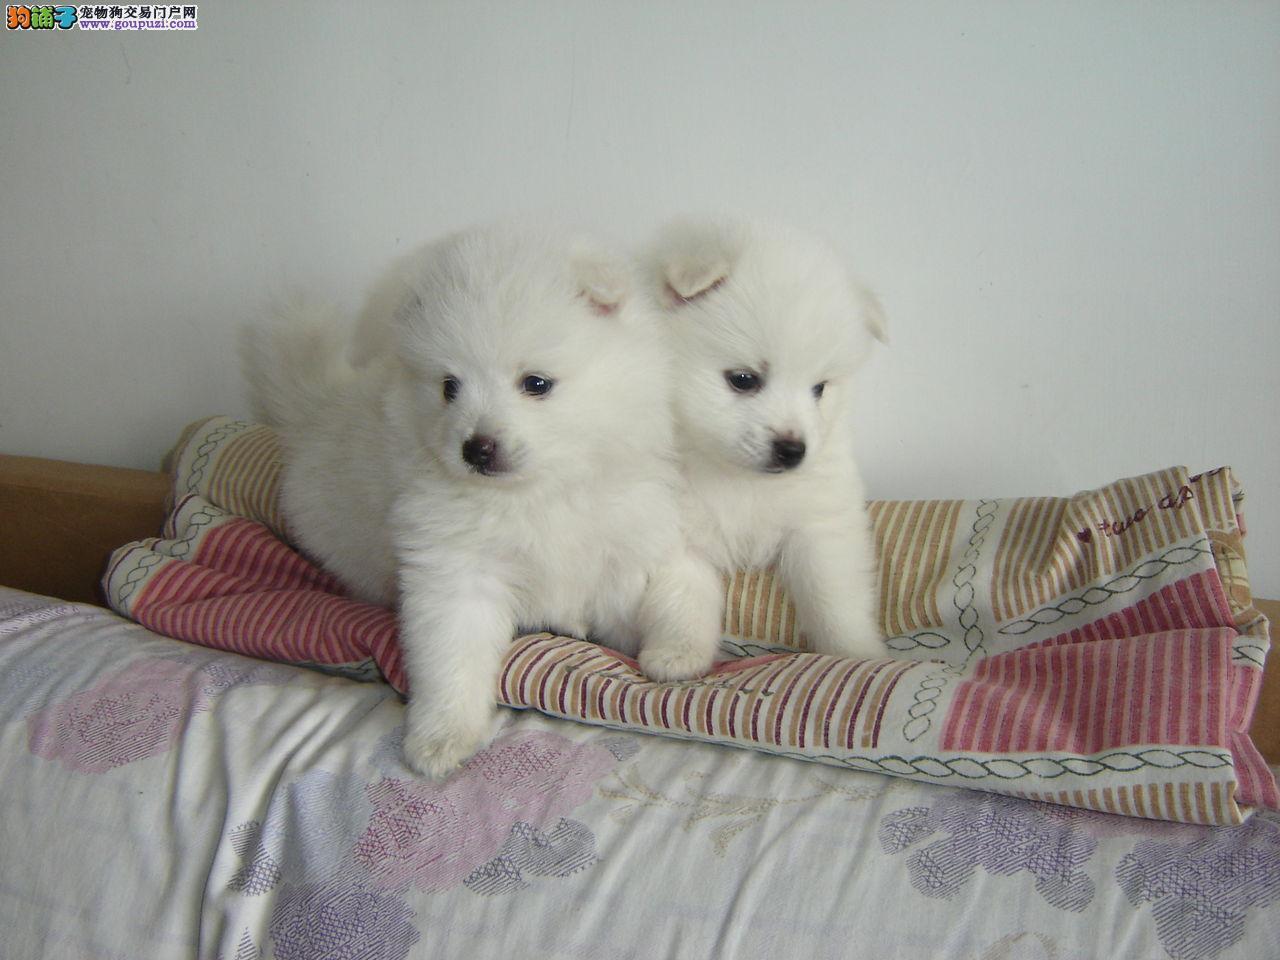 银狐犬宝宝热销中 专业繁殖宝宝健康 专业信誉服务